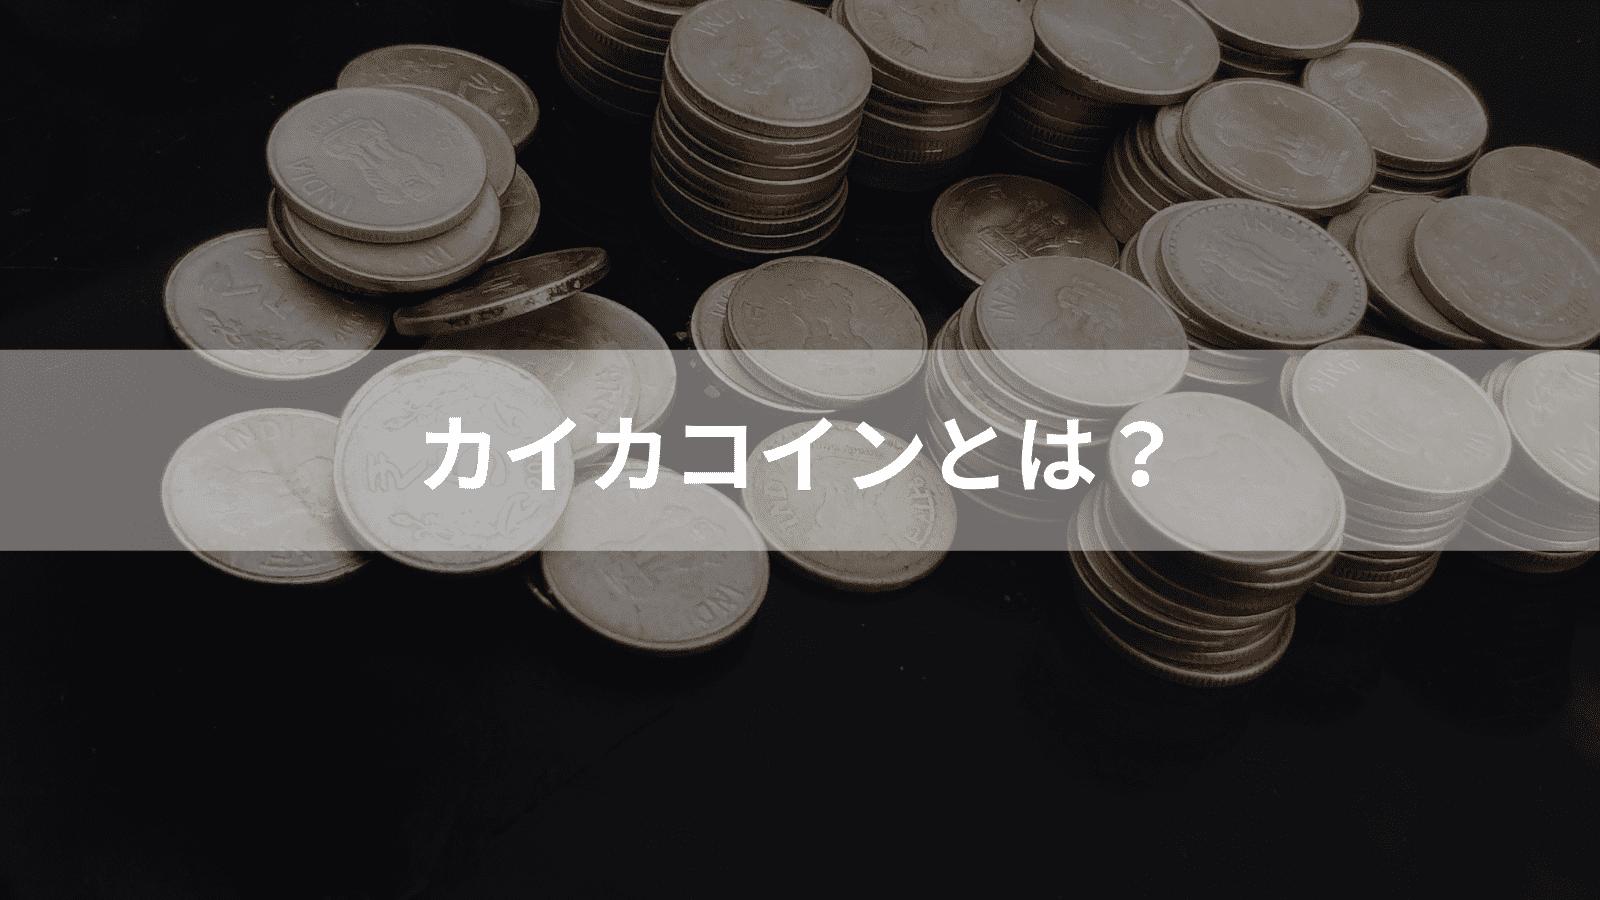 カイカ(Caica/CICC)コインとは?